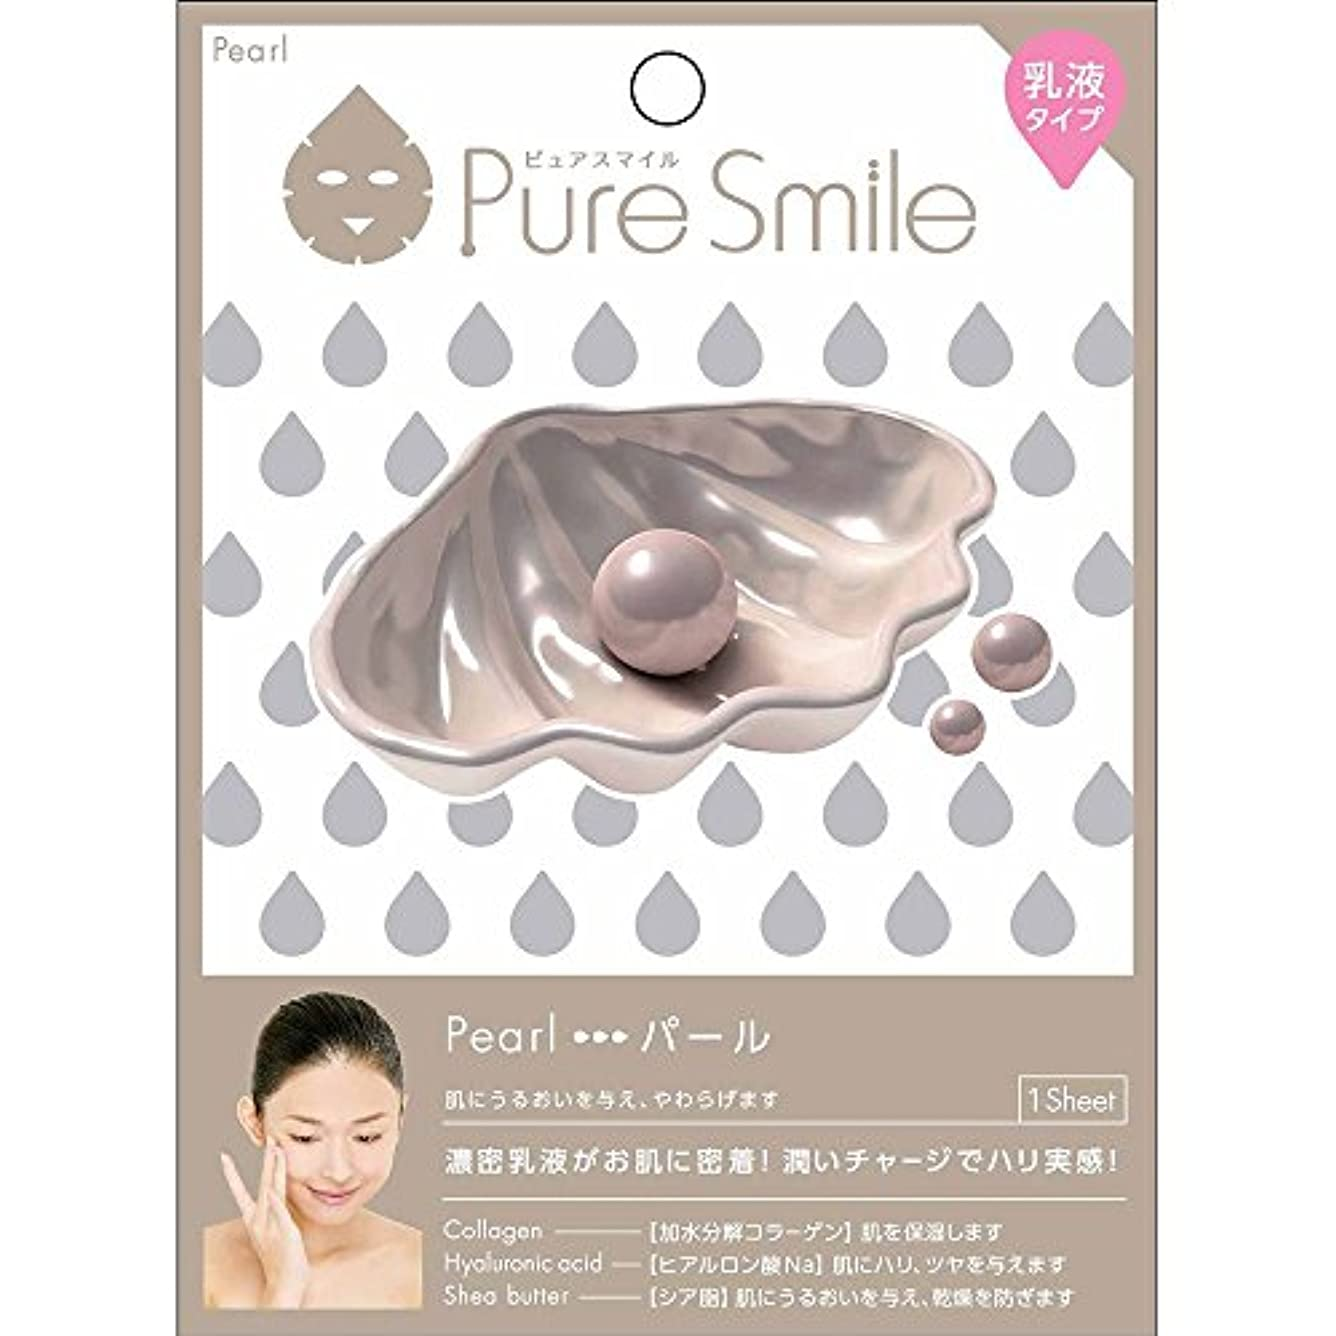 歌詞好色な砲撃Pure Smile(ピュアスマイル) 乳液エッセンスマスク 1 枚 パール